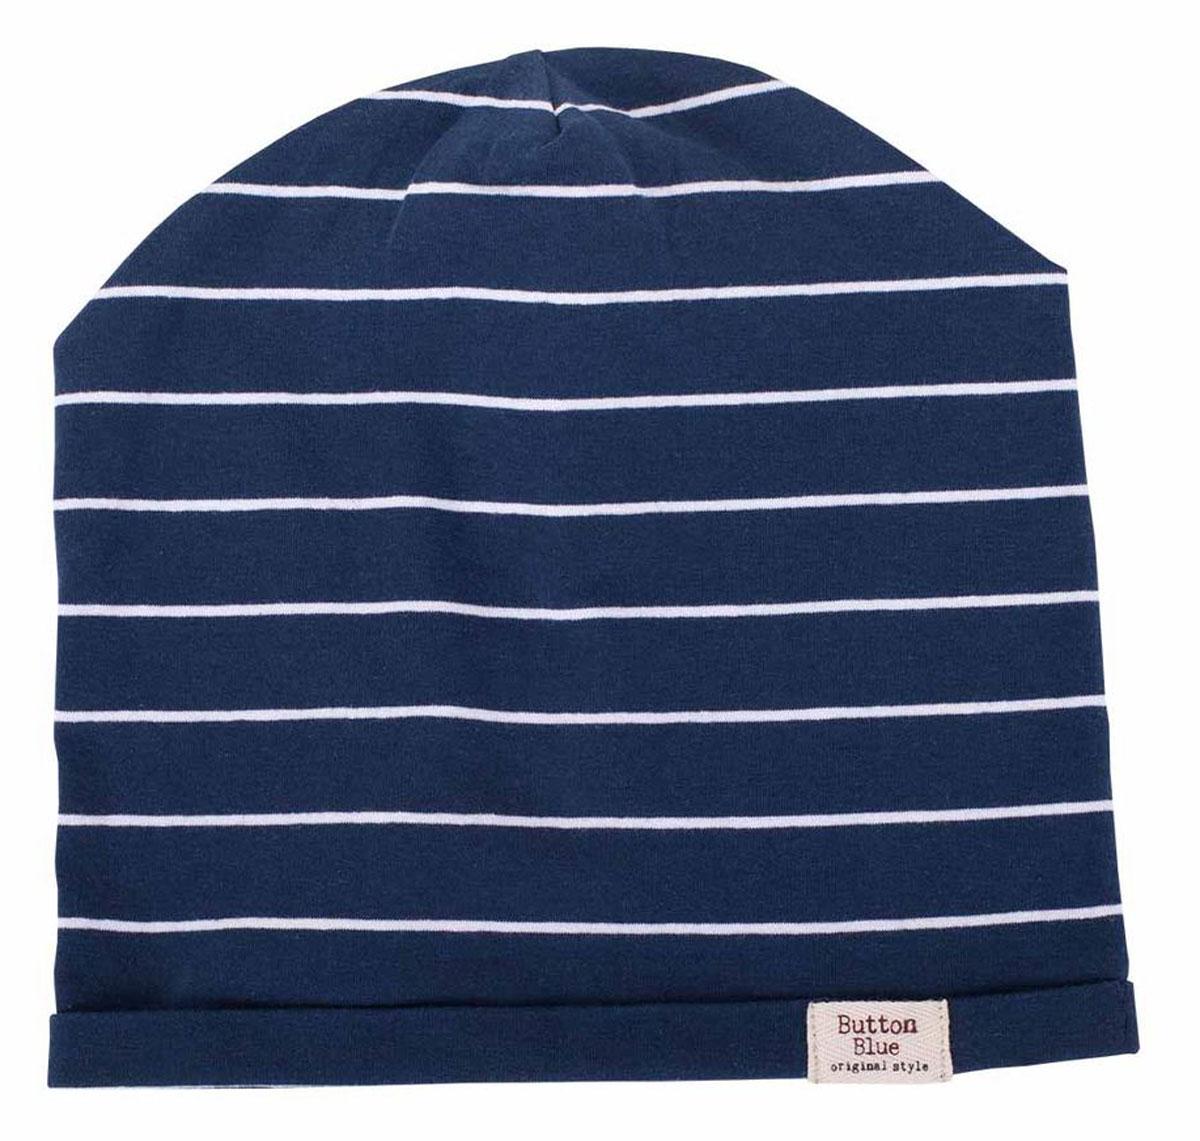 Шапка детская117BBBX73011005Трикотажные шапки - важный атрибут повседневного гардероба! Они отлично согревают, а также украшают и завершают весенний комплект. У них один недостаток: они часто теряются. Шапки забывают в парке, в школе, в детском саду, поэтому их в гардеробе должно быть много, а значит, шапки надо покупать по доступной цене. Купить недорого шапку для мальчика от Button Blue, значит, позаботиться о здоровье, внешнем виде и комфорте ребенка.